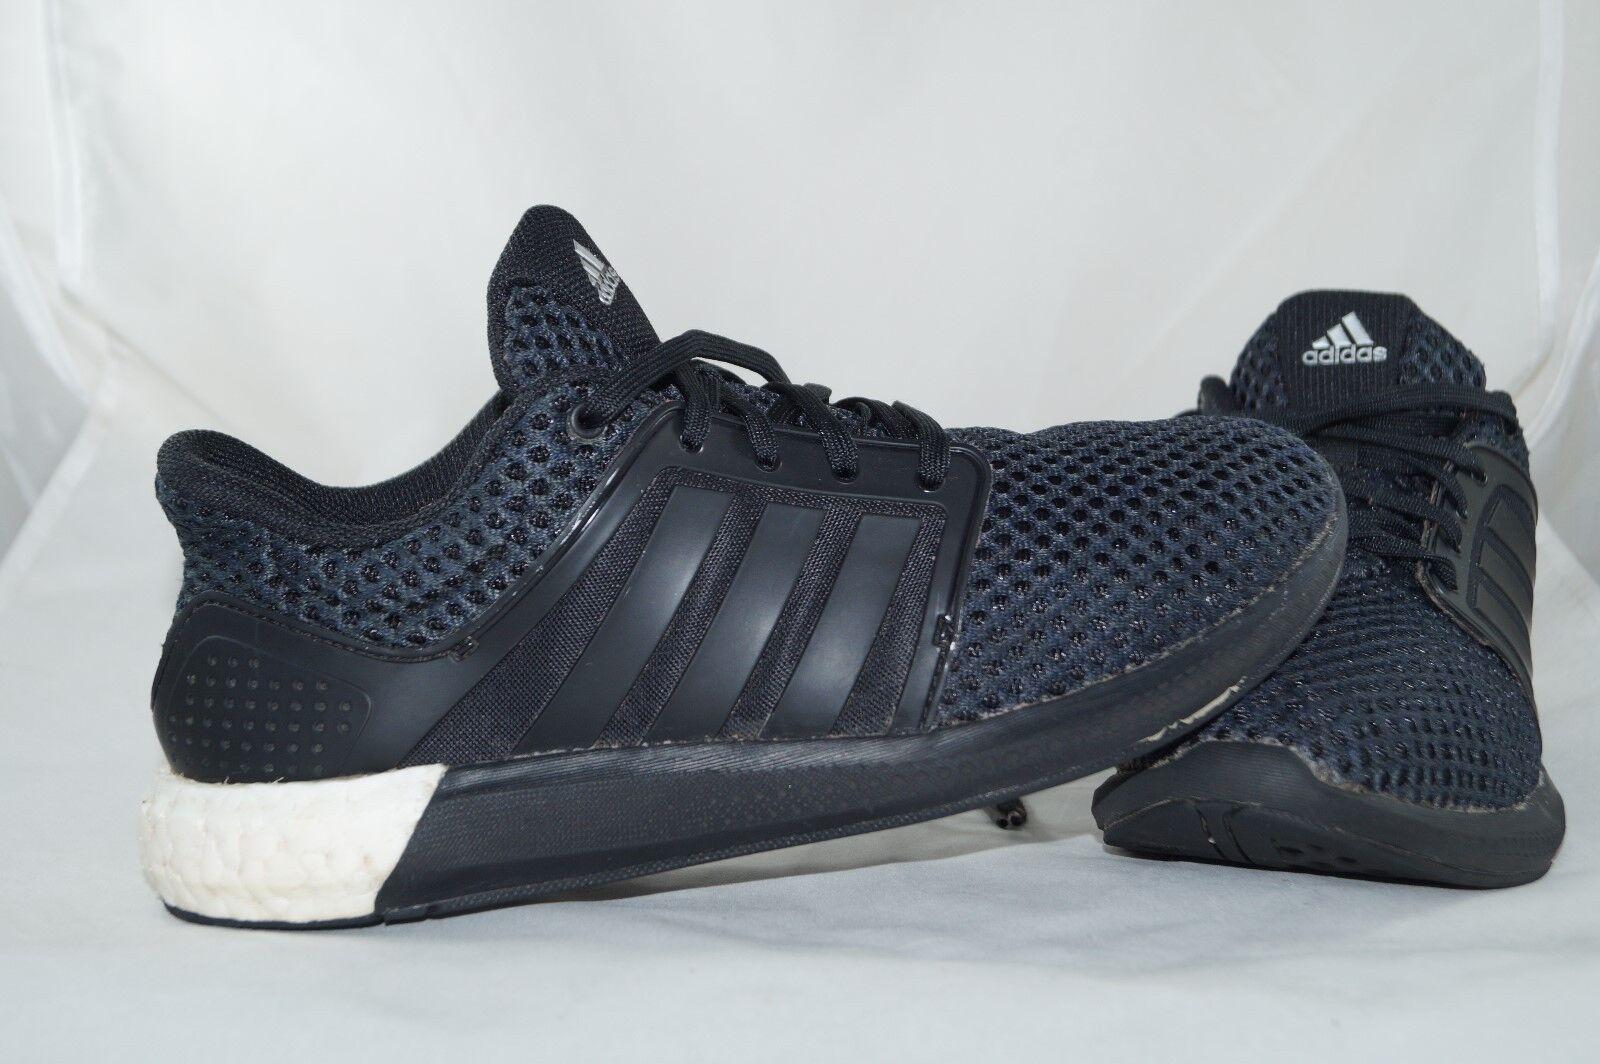 Adidas solar Boost m gr: 41 deportivo 1/3 negro zapatillas calzado deportivo 41 421c52